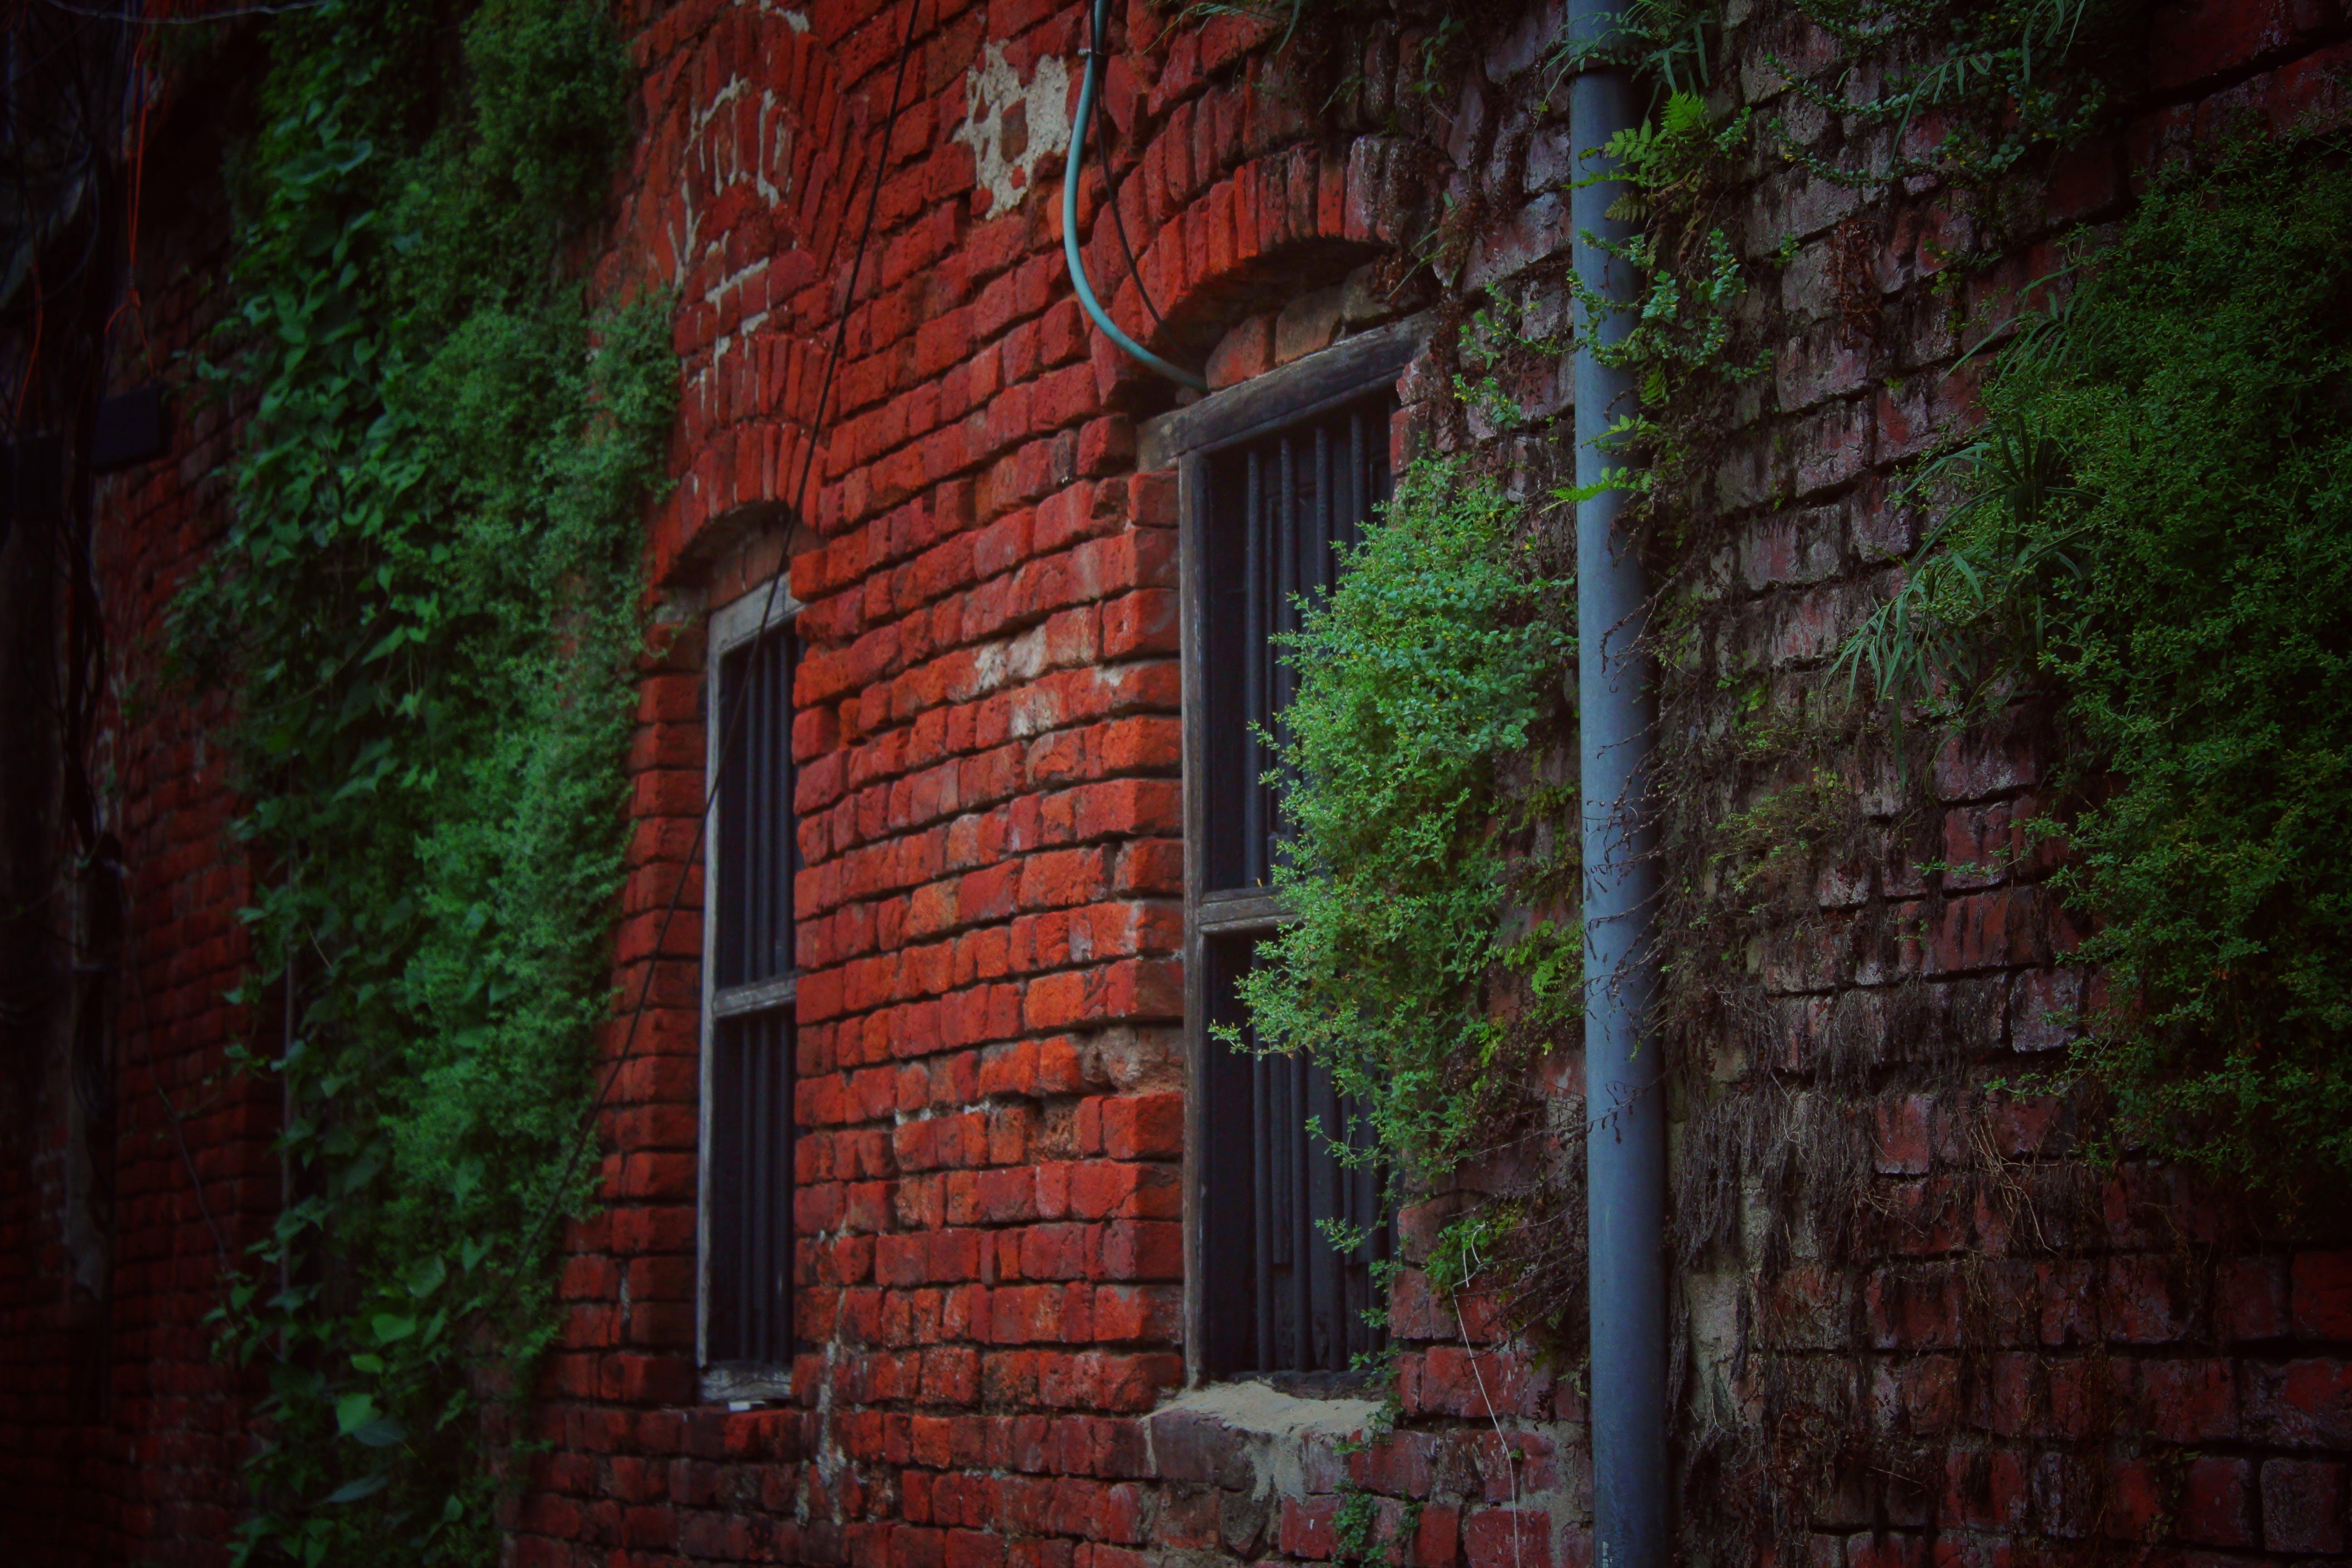 Ingyenes stockfotó ablakok, borostyán, fal, külső témában